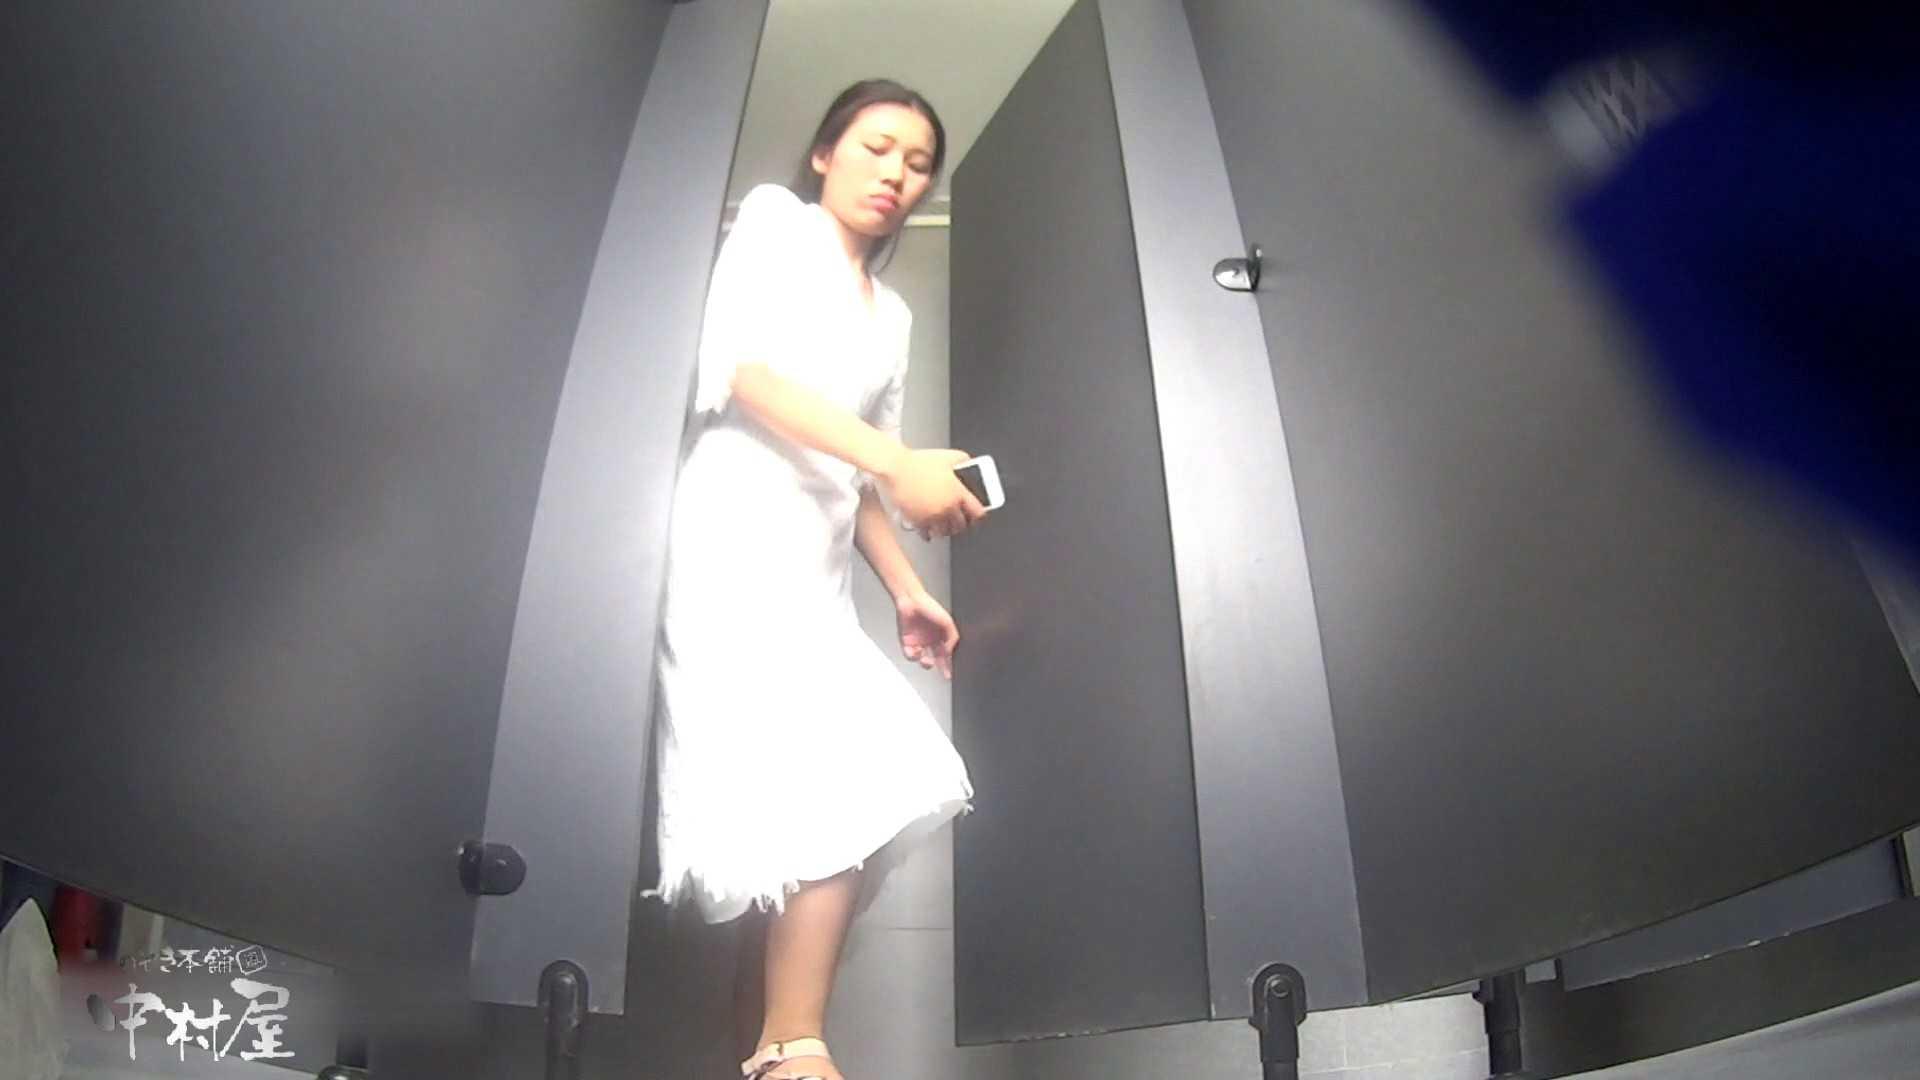 ツンデレお女市さんのトイレ事情 大学休憩時間の洗面所事情32 お姉さん丸裸 隠し撮りオマンコ動画紹介 76pic 44